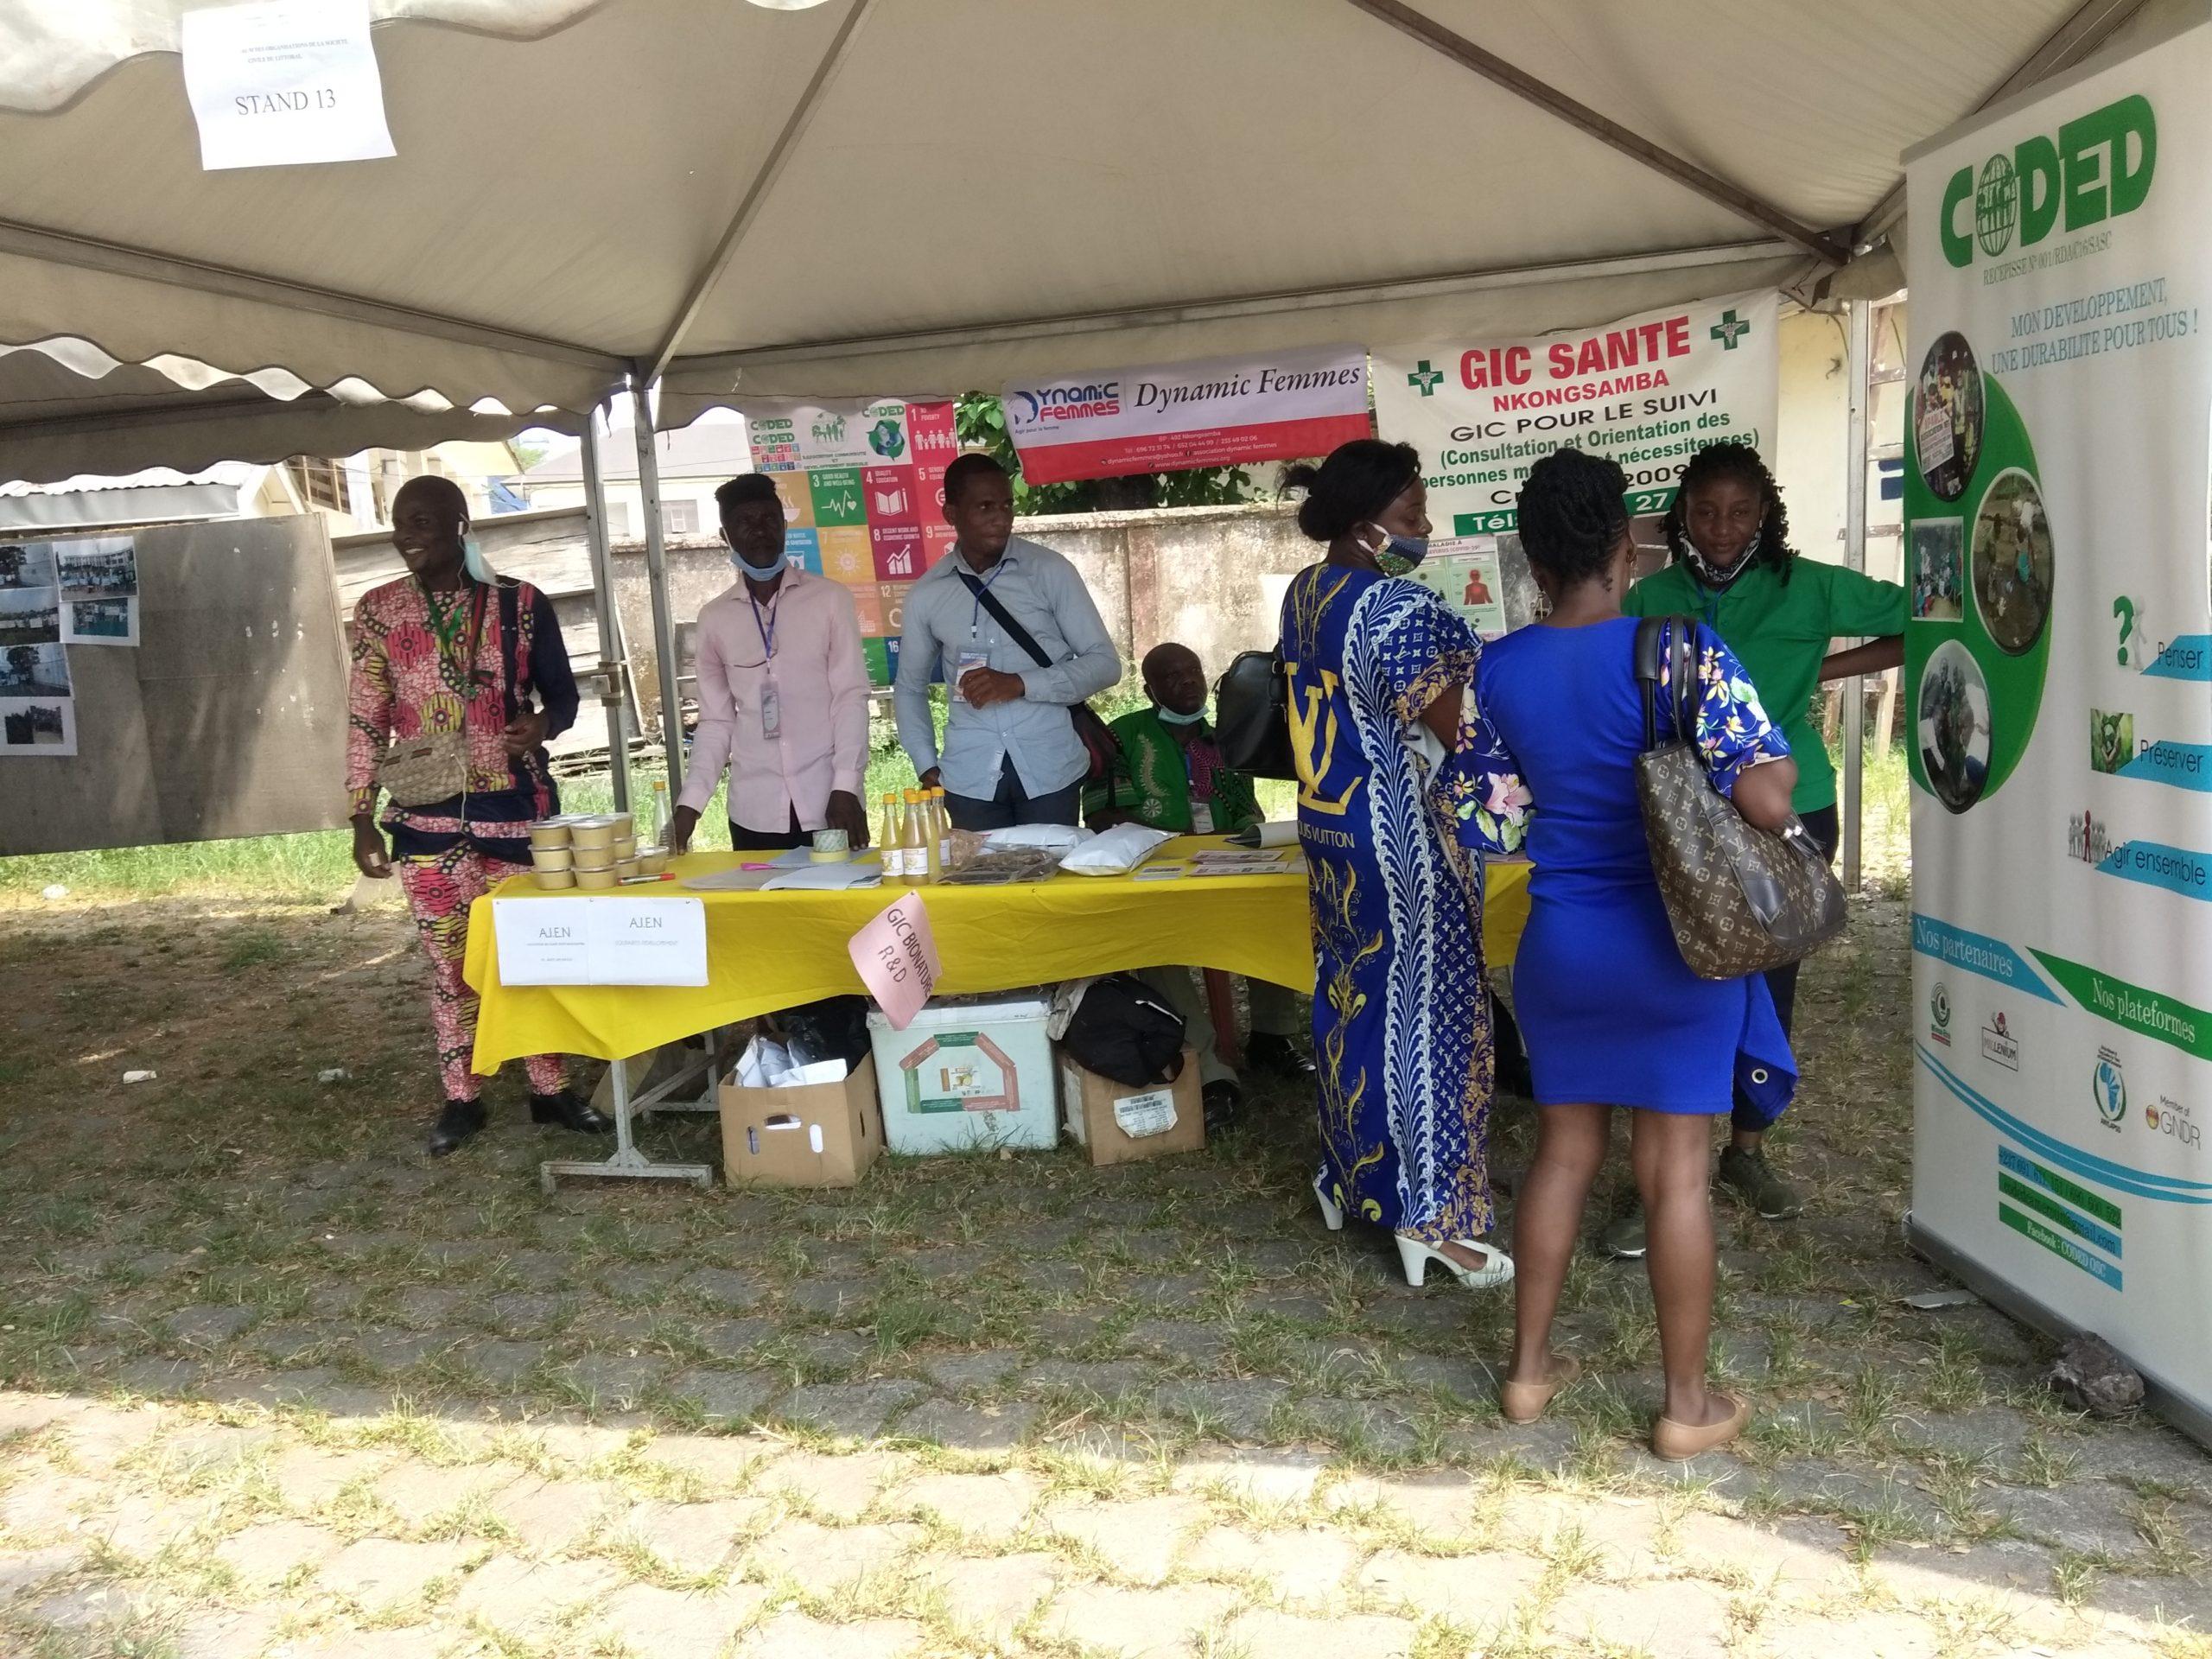 Société civile : Briser les entraves pour une collaboration pacifique avec le gouvernement